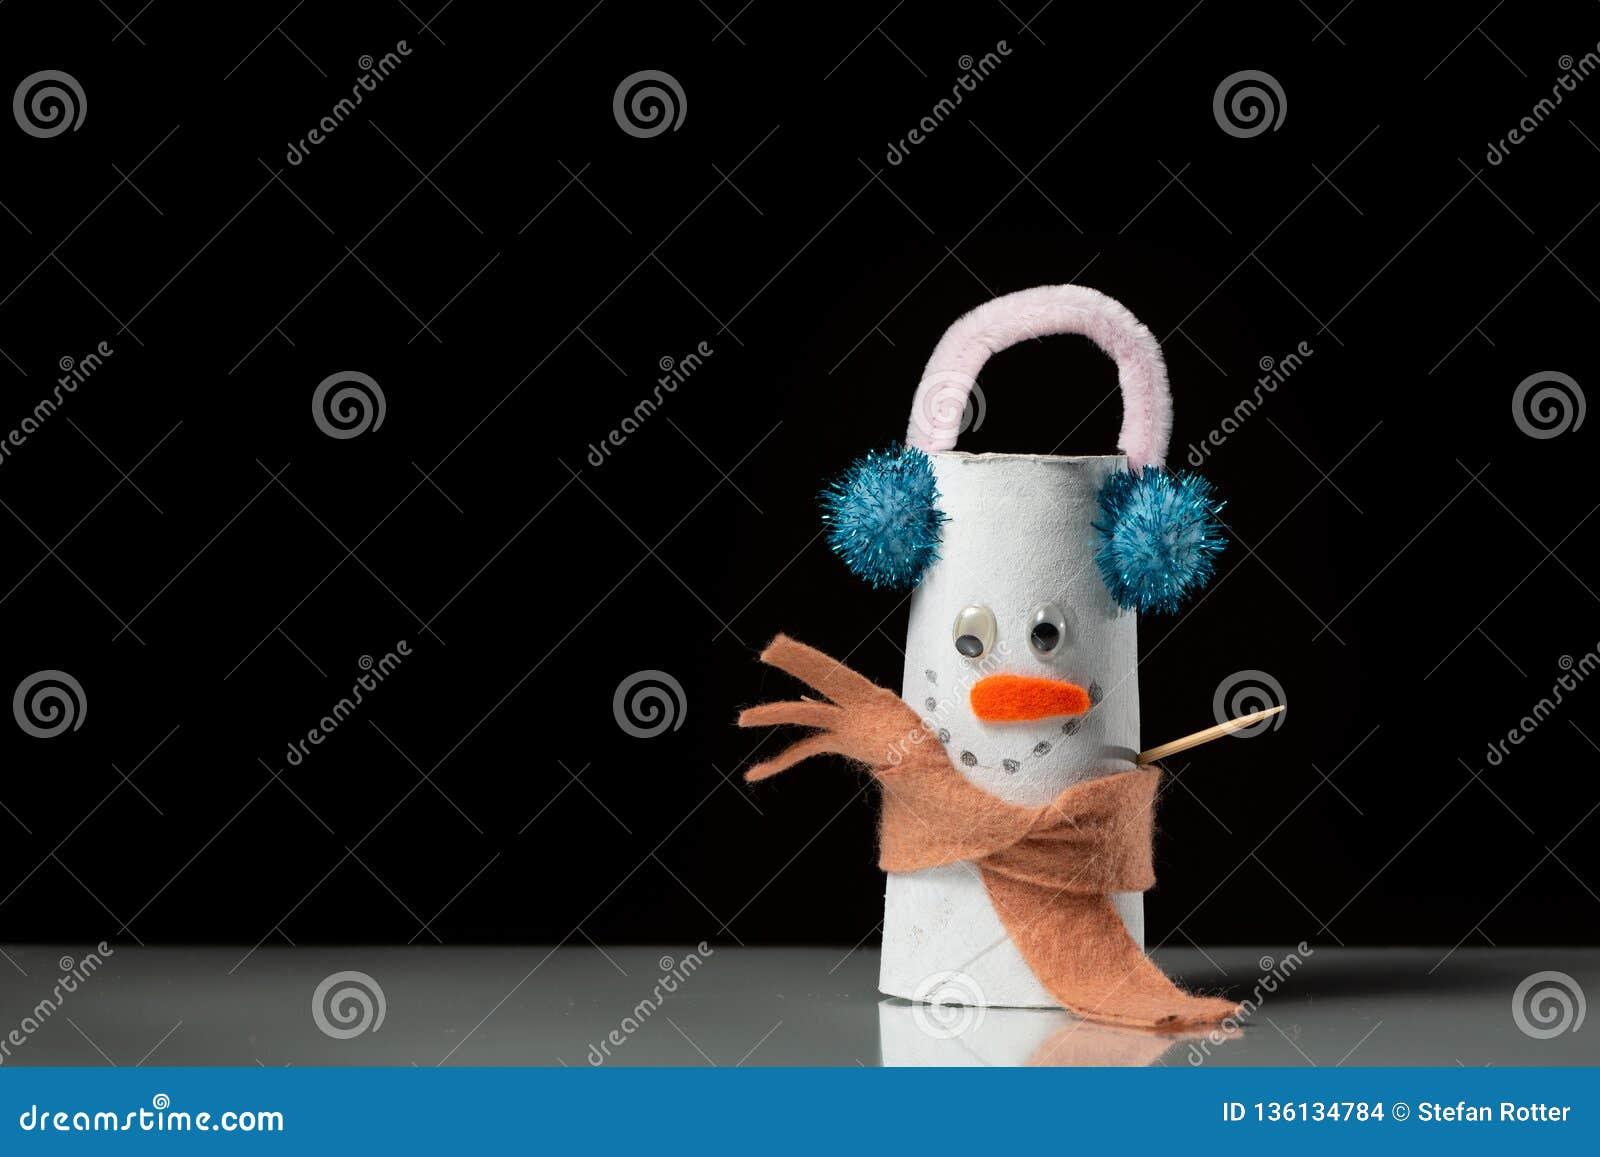 Uma Figura De Um Boneco De Neve Feito De Um Rolo Do Papel Higiênico